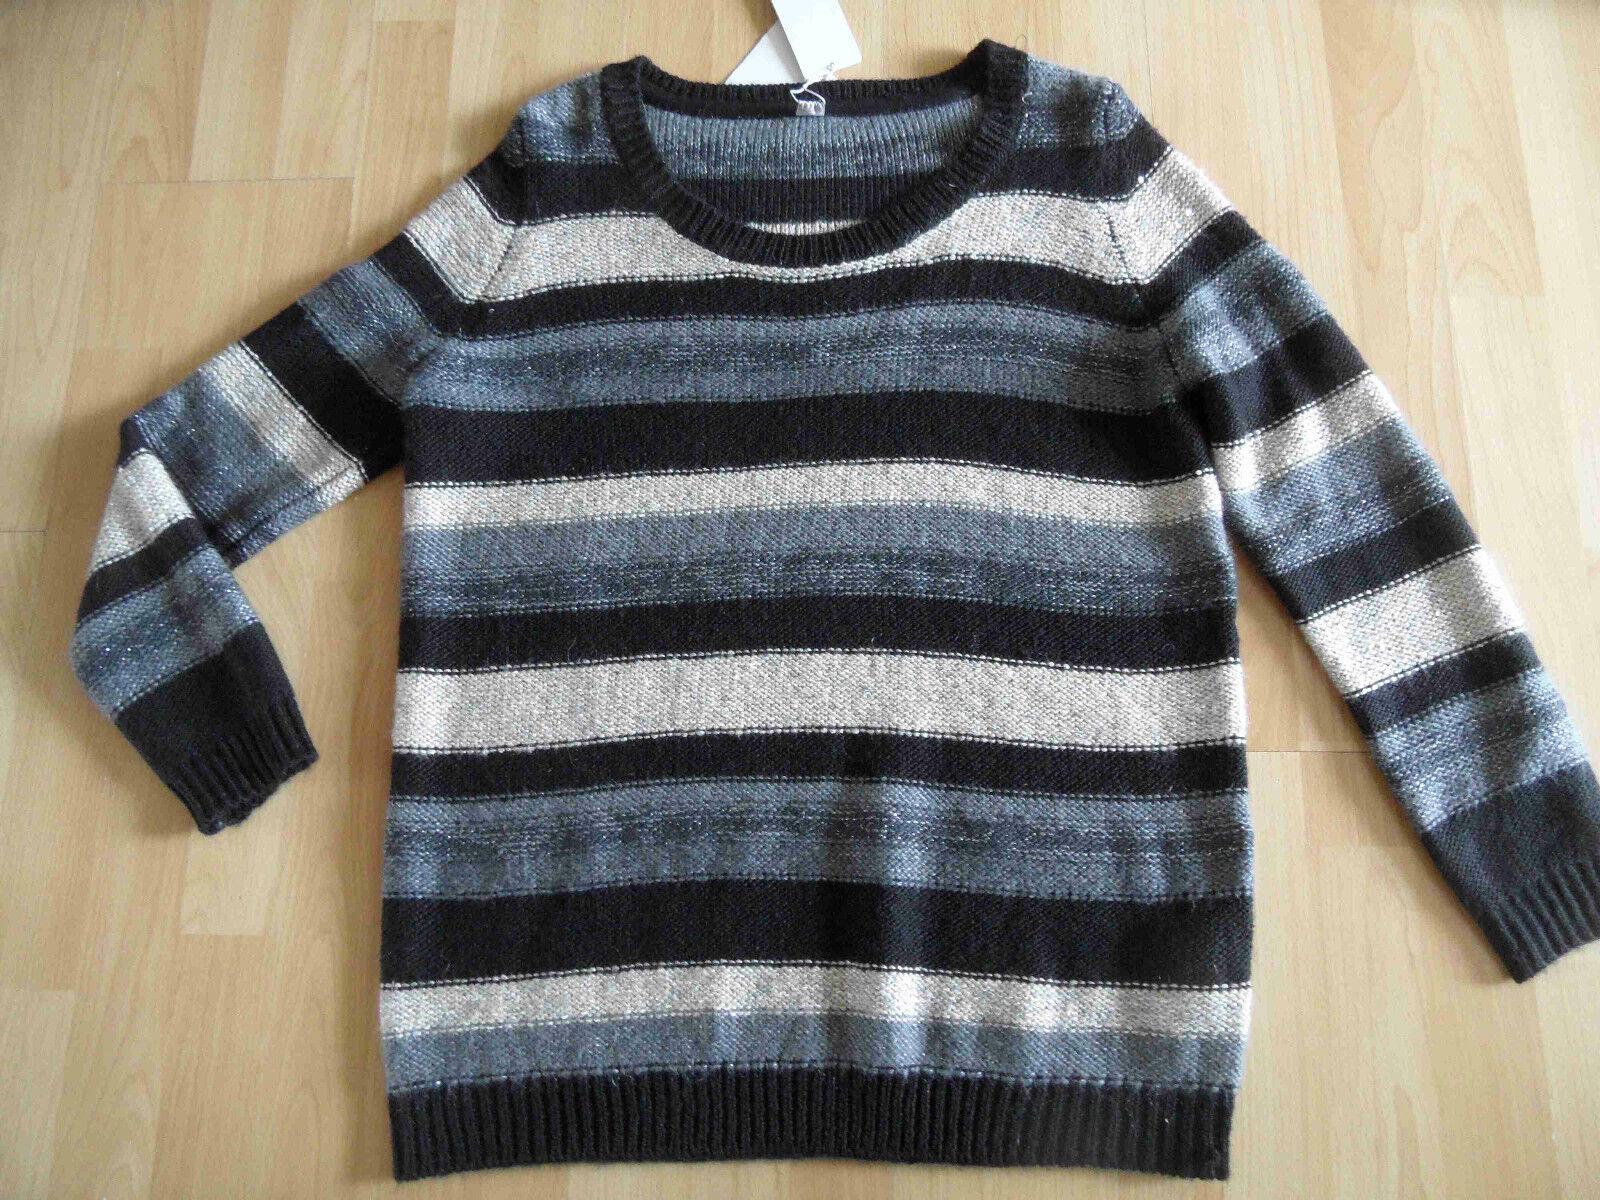 S.OLIVER schöner langer Pullover m. Glitzer gestreift Gr. 46 NEU   Nutzen Sie Materialien voll aus